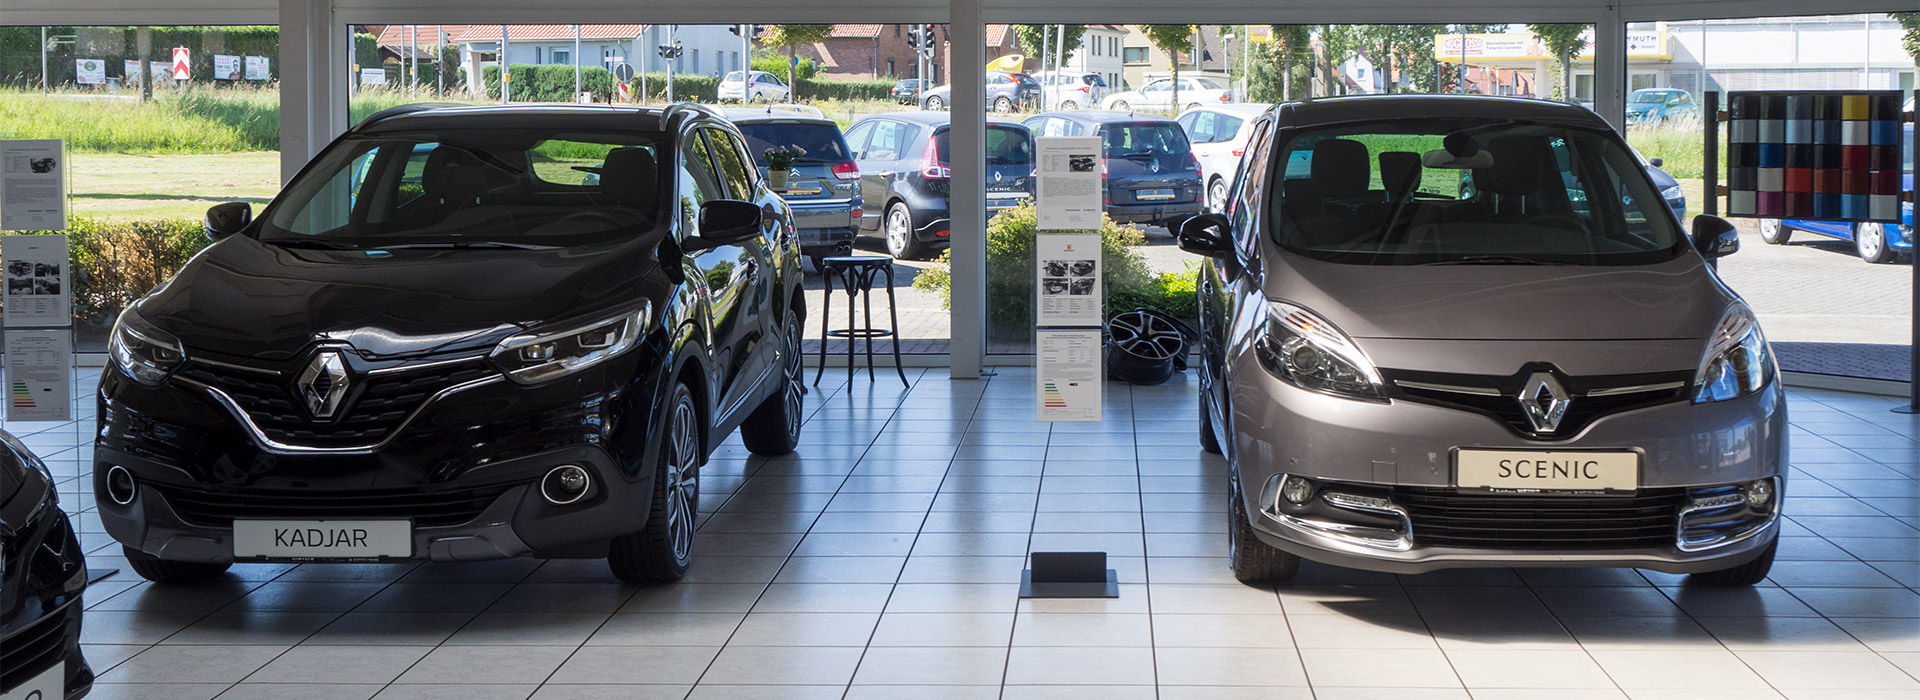 Renault, Dacia, Seat, Skoda, VW und viele andere Marken